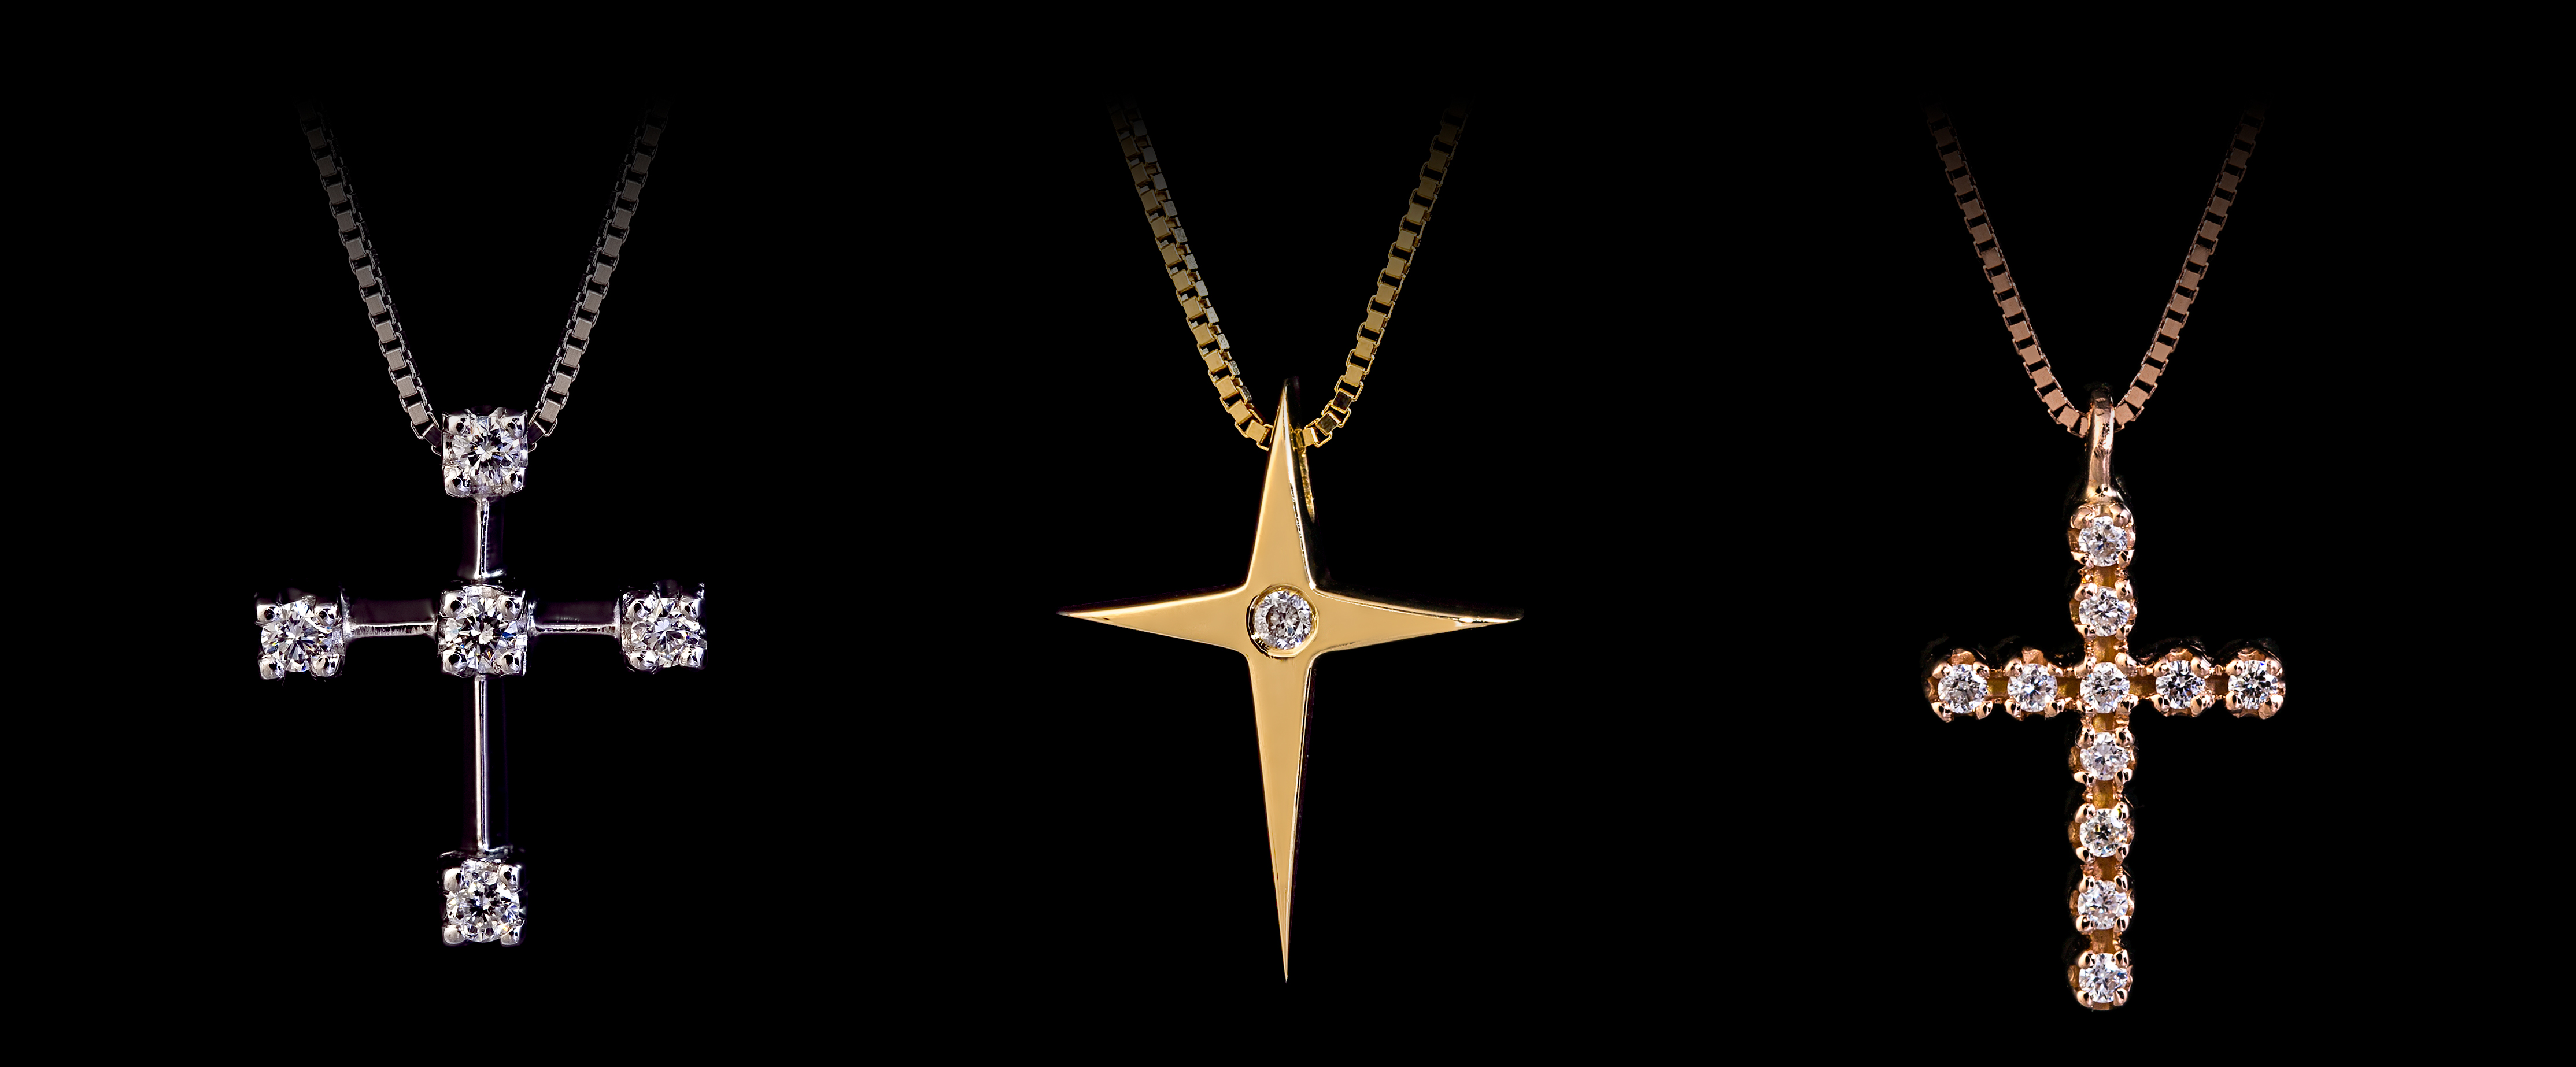 Apostolos Tzabazis Jewellery